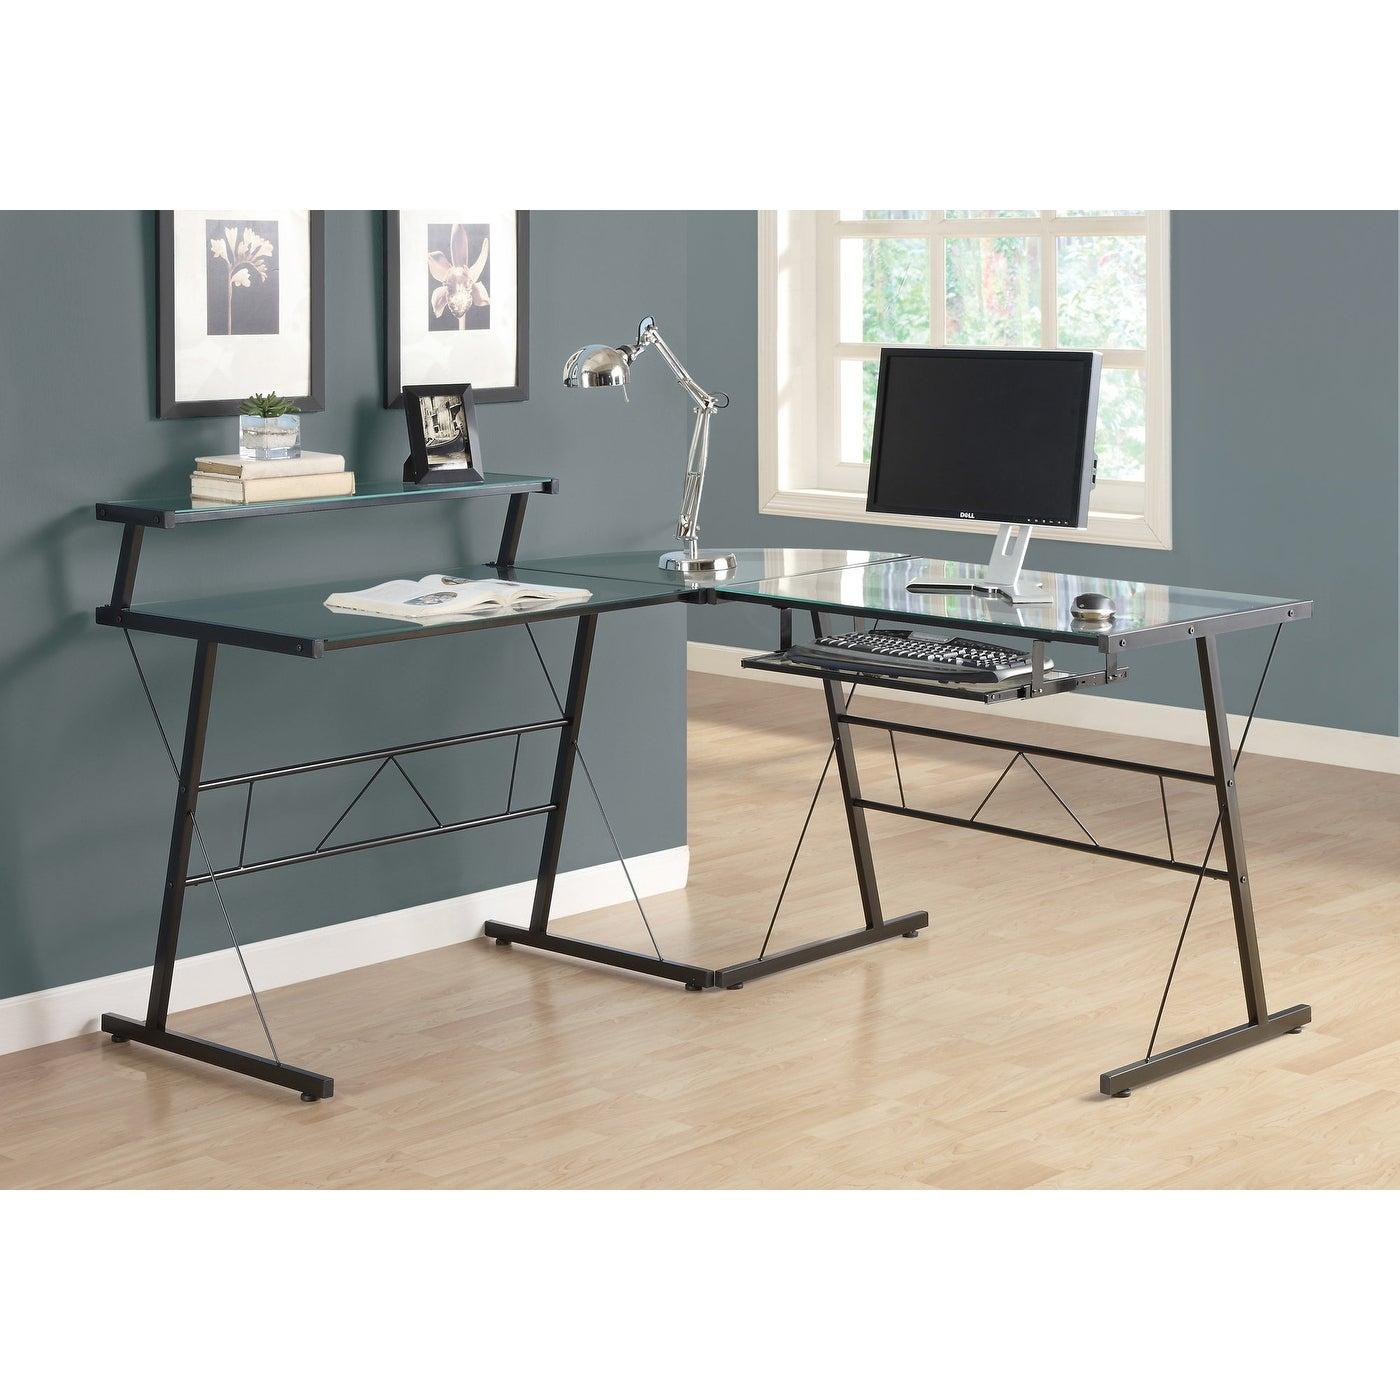 - Shop Monarch 7172 Black Metal Corner Tempered Glass Computer Desk